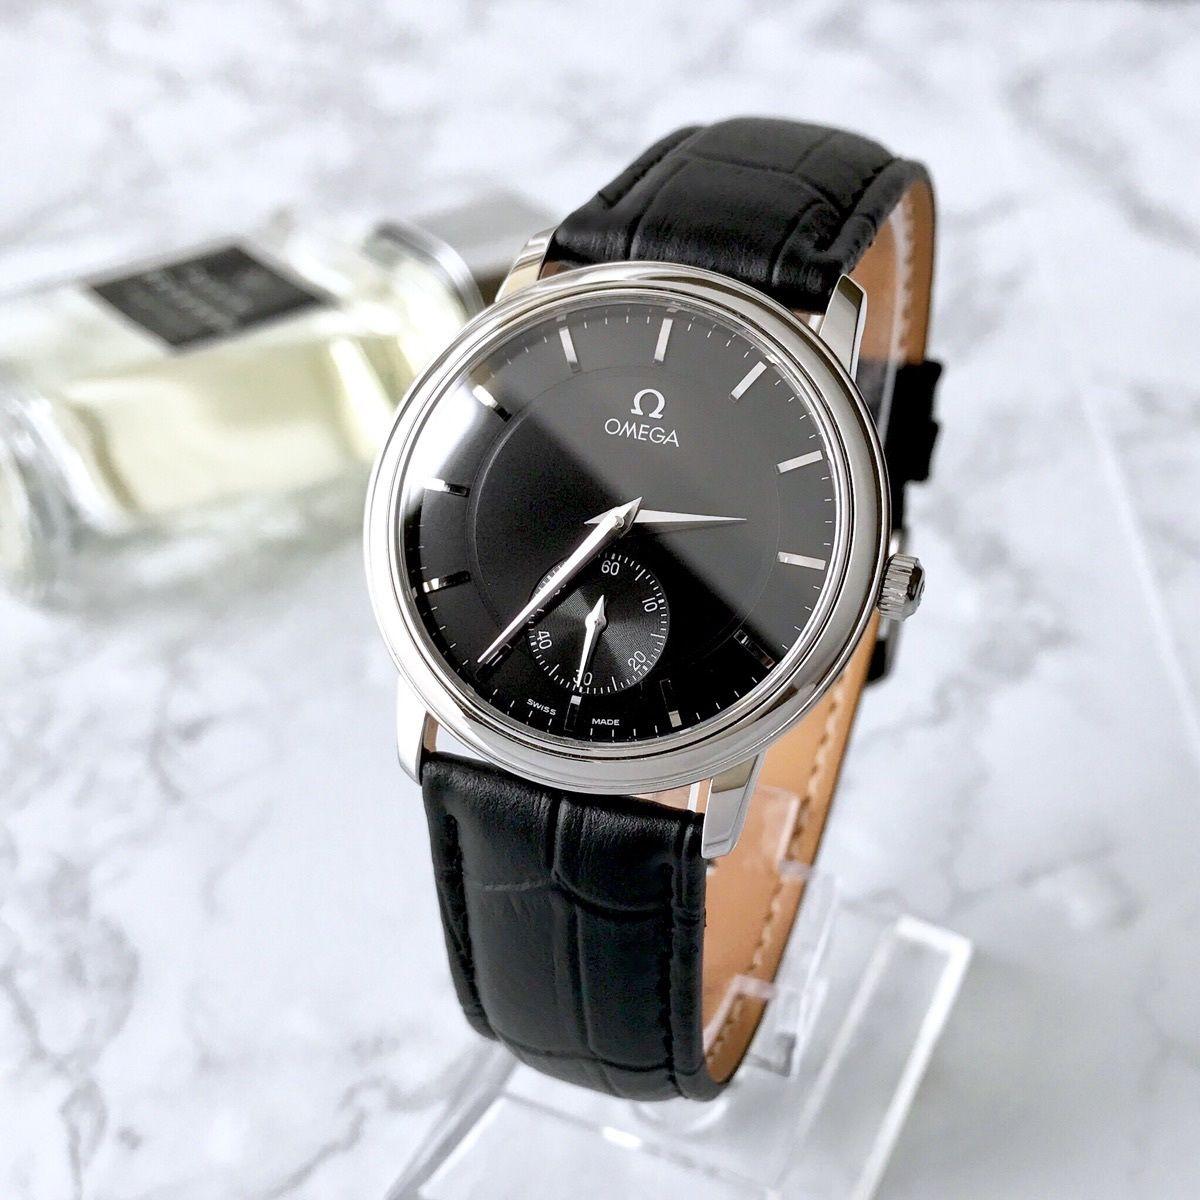 OMEGA オメガ  プレステージ スモセコ 手巻き メンズ 腕時計